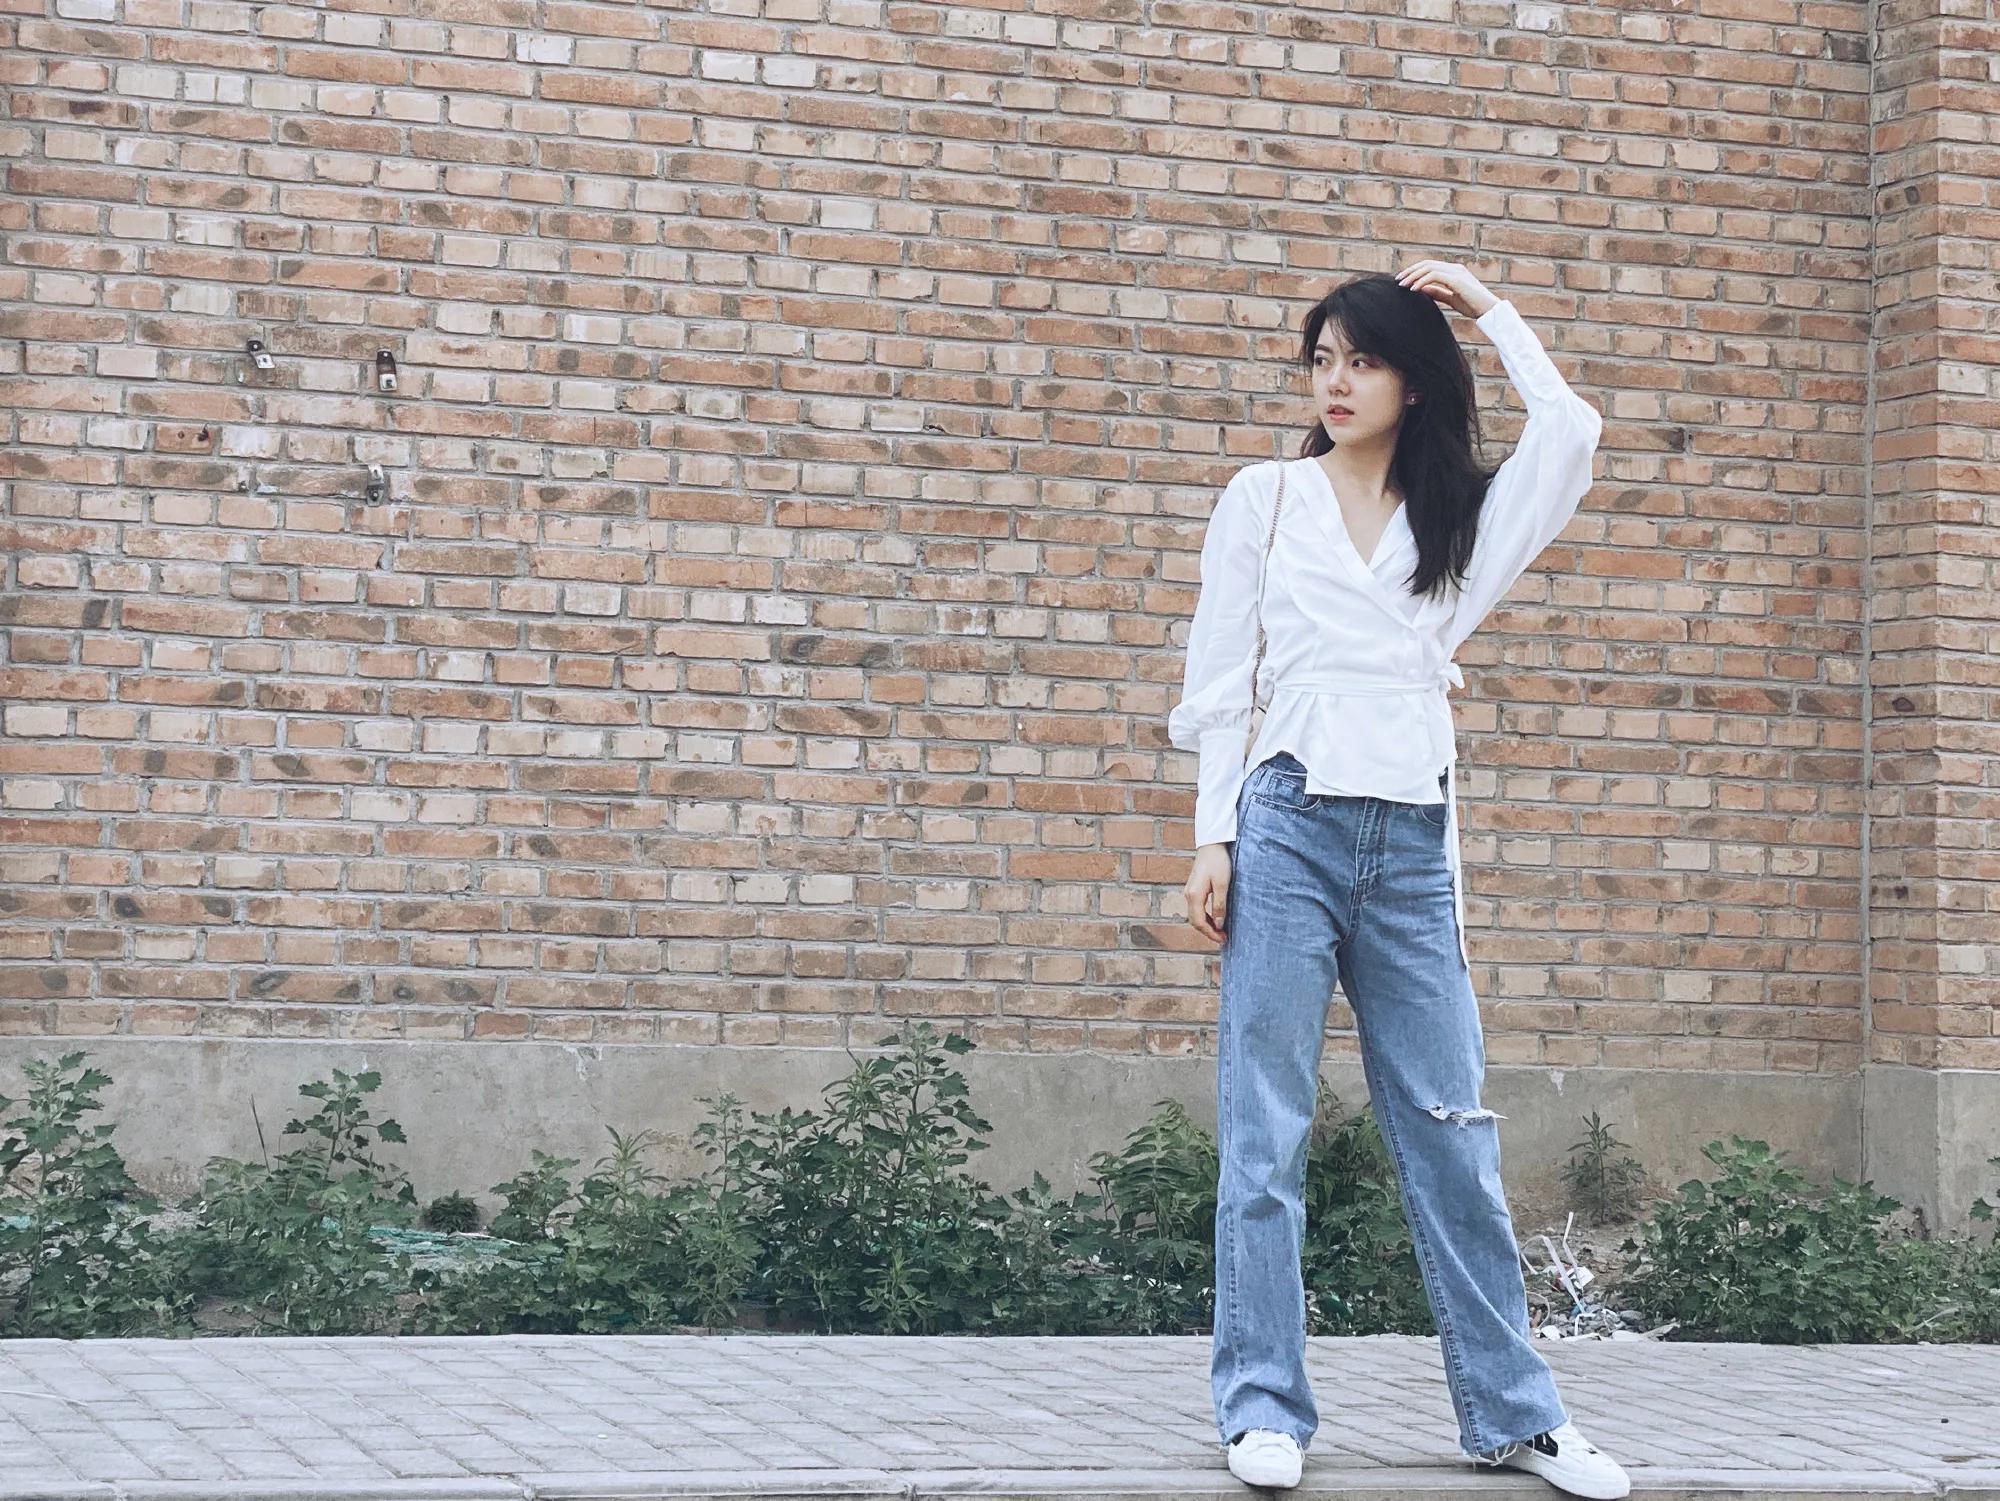 赵今麦的简约风穿搭,简单又显瘦,适合各种年龄的女生穿搭